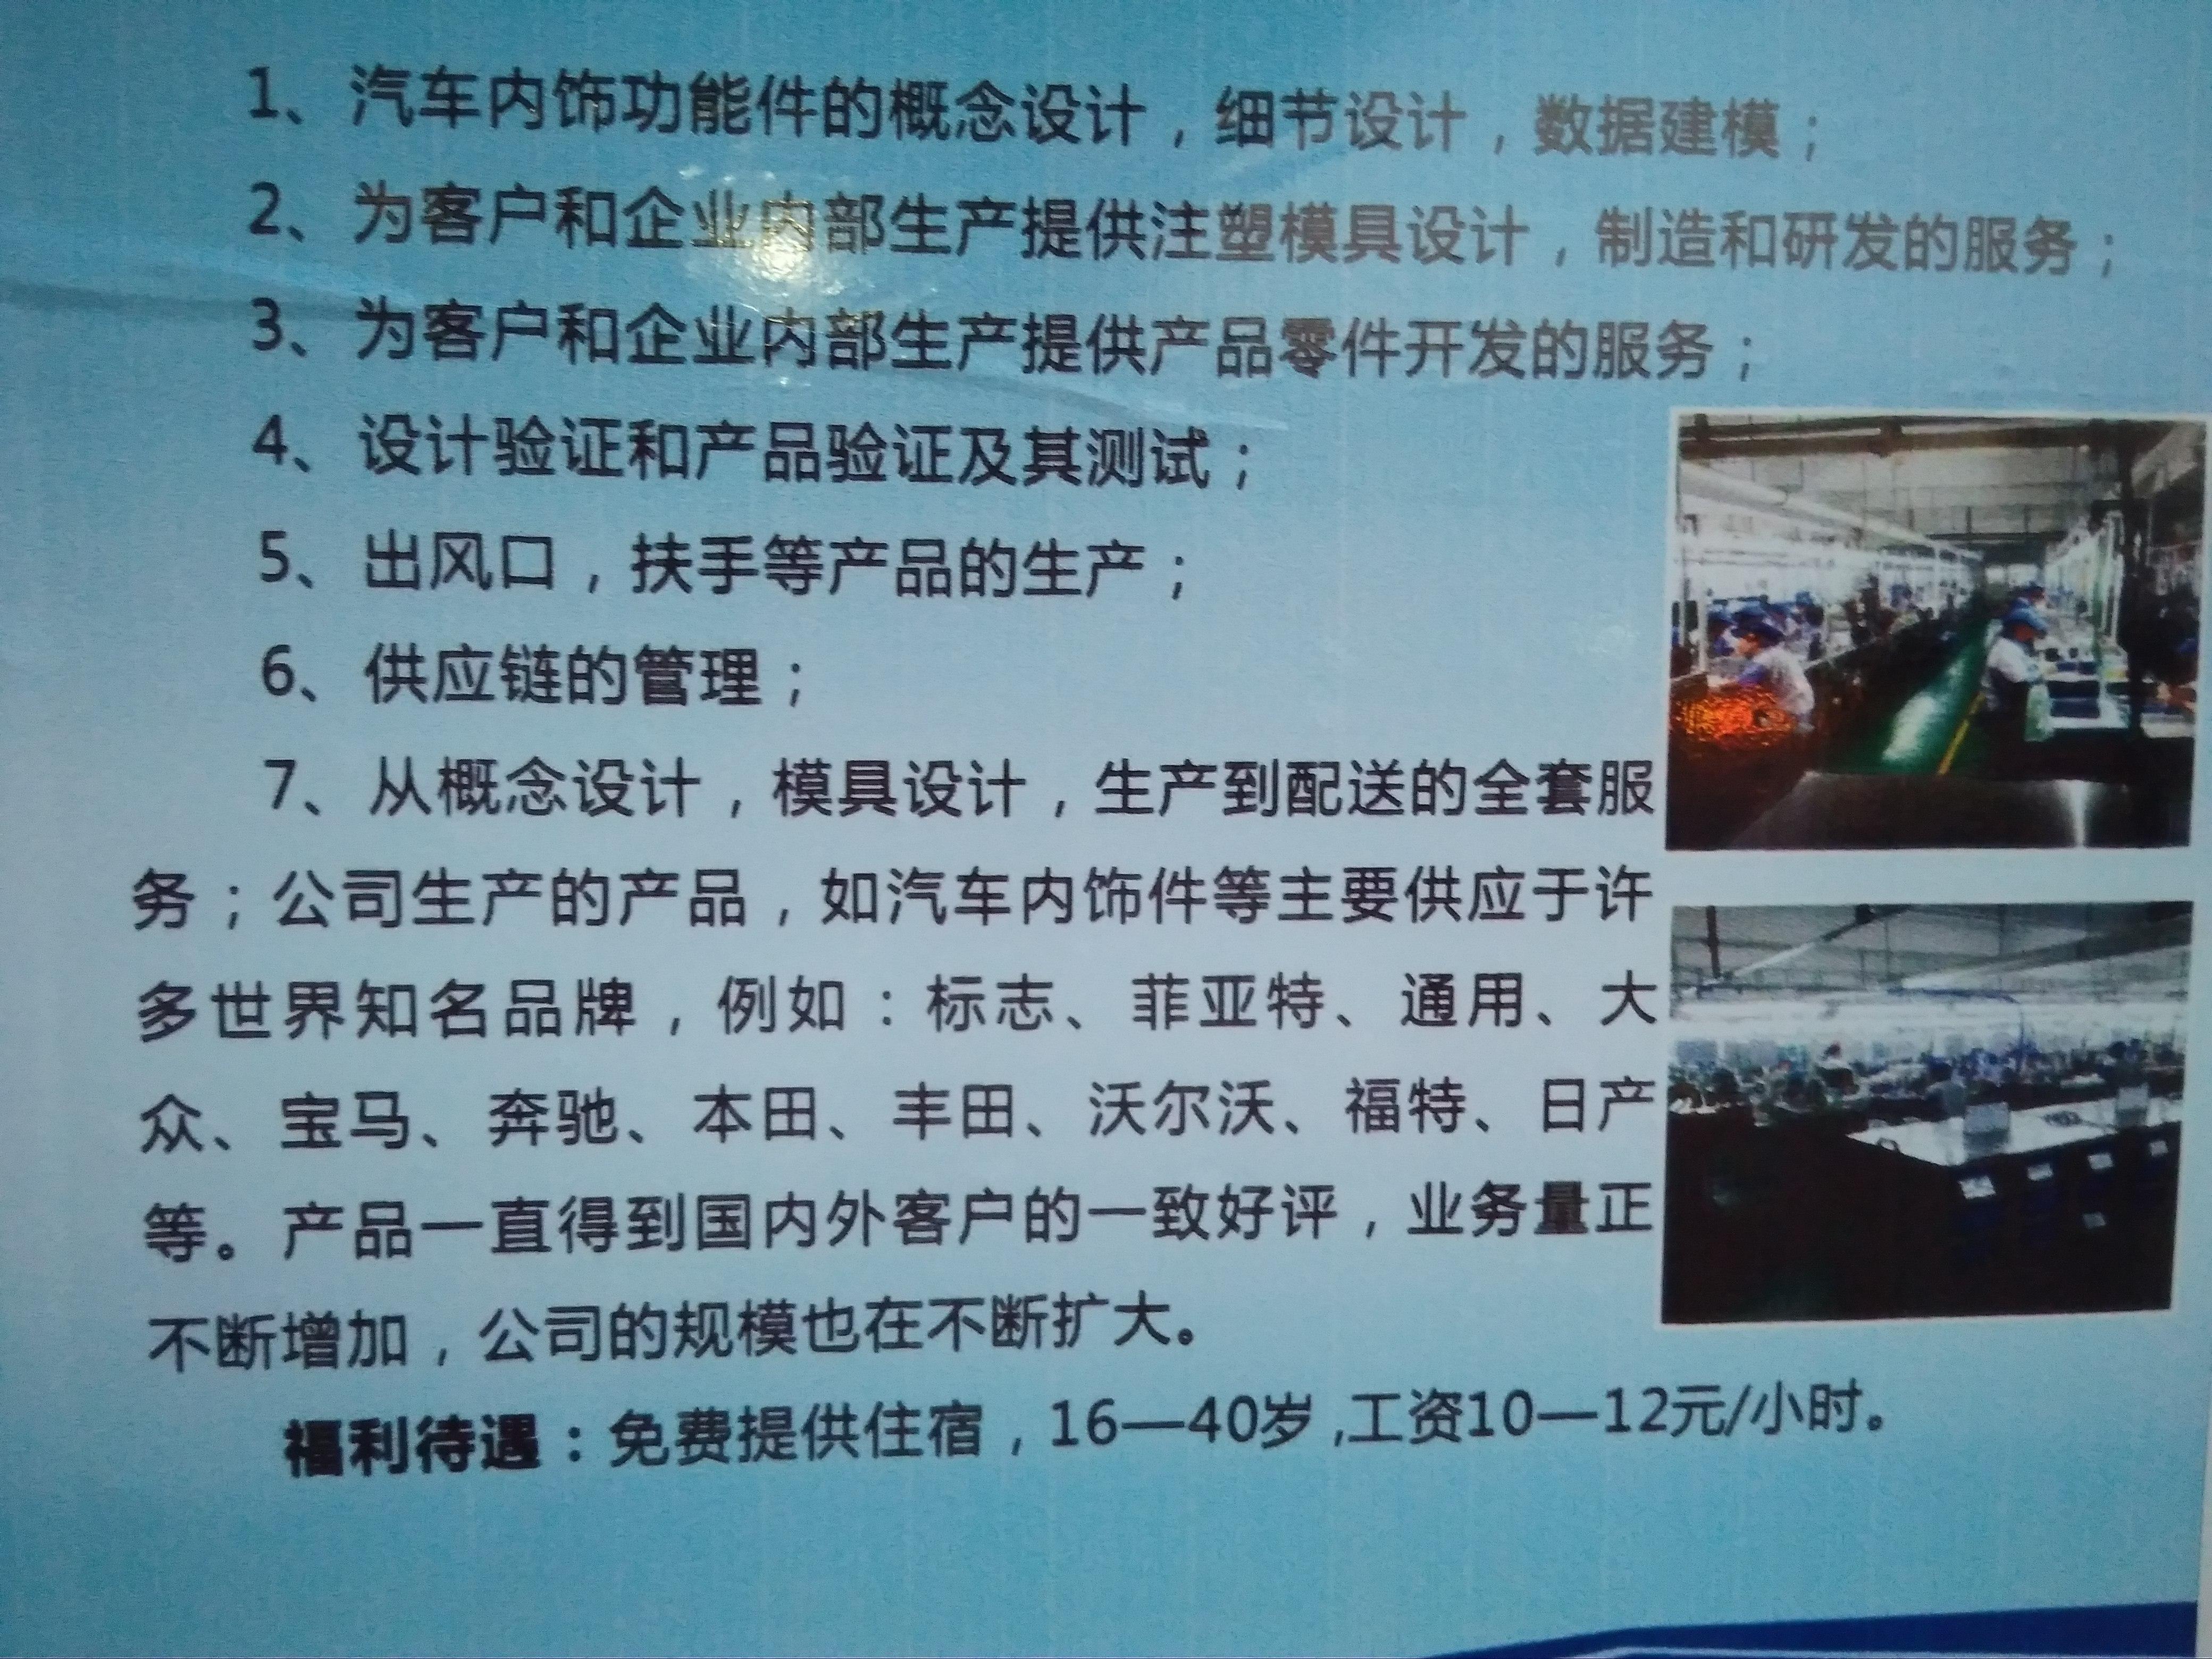 深圳、广州、东莞、惠州的工厂待遇如何?六张招工广告给你们参考